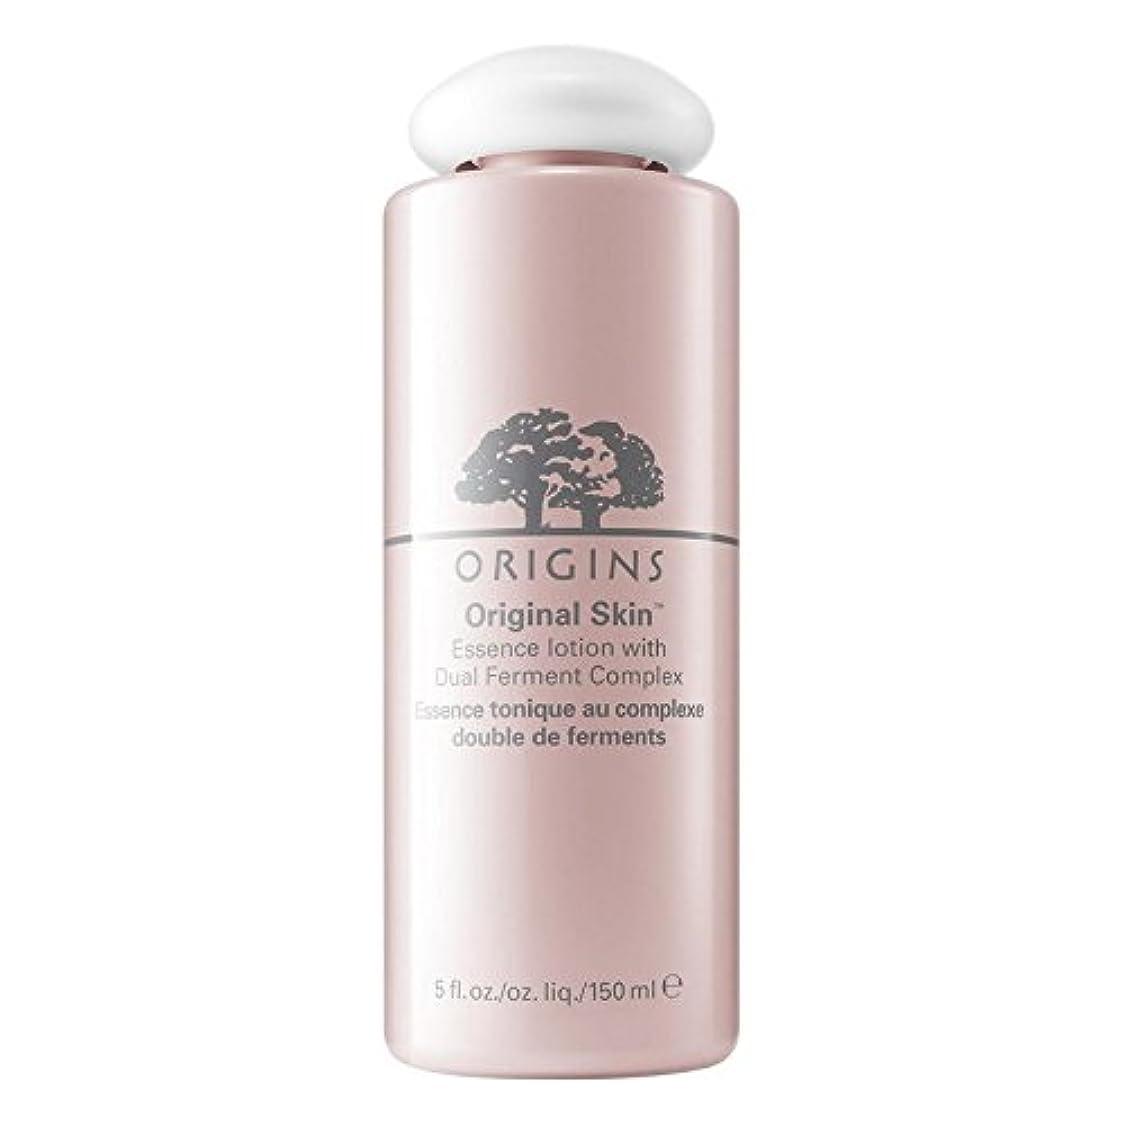 更新参照降雨起源オリジナルスキンエッセンスローション150 x4 - Origins Original Skin Essence Lotion 150ml (Pack of 4) [並行輸入品]